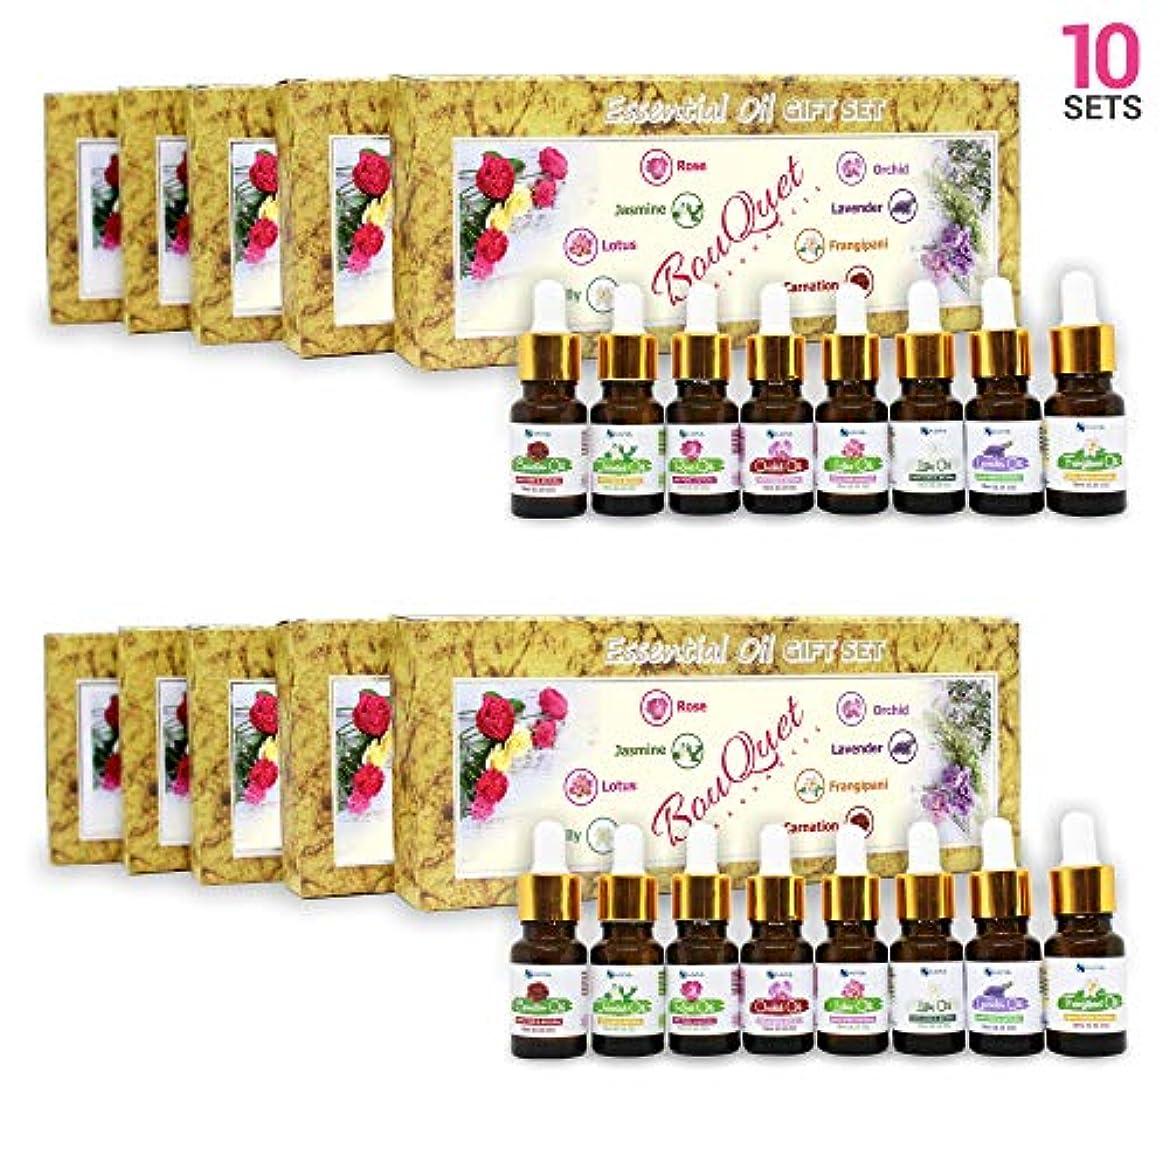 未払い予言する演劇Aromatherapy Fragrance Oils (Set of 10) - 100% Natural Therapeutic Essential Oils, 10ml each (Rose, Jasmine, Lotus...